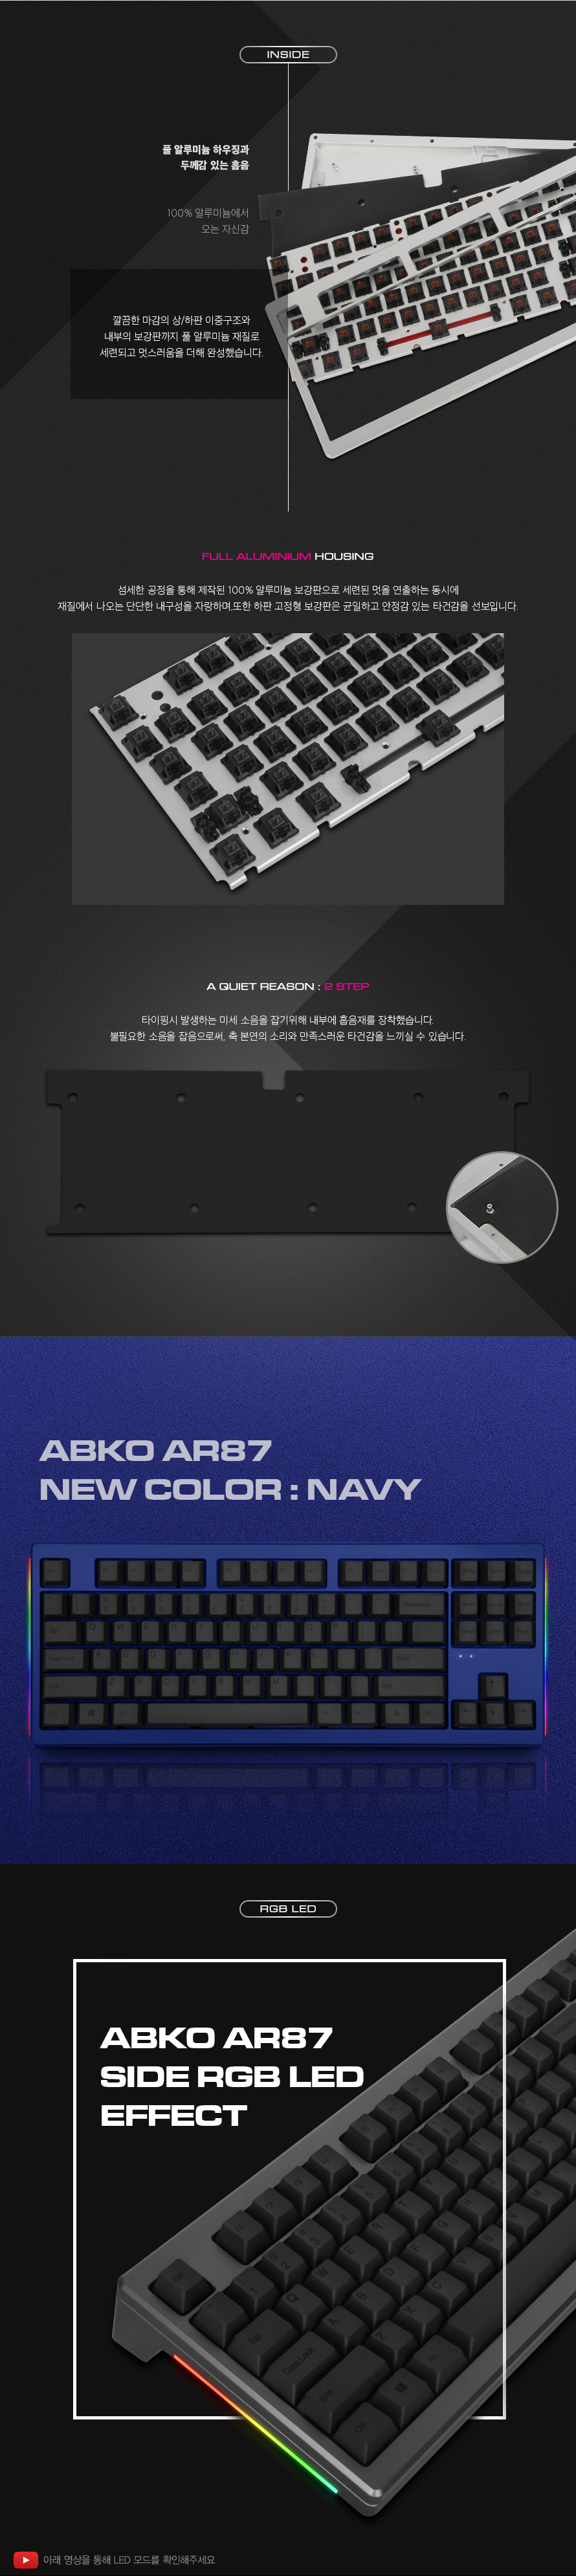 ABKO AR87 CNC 풀 알루미늄 체리키보드 (네이비, 흑축)